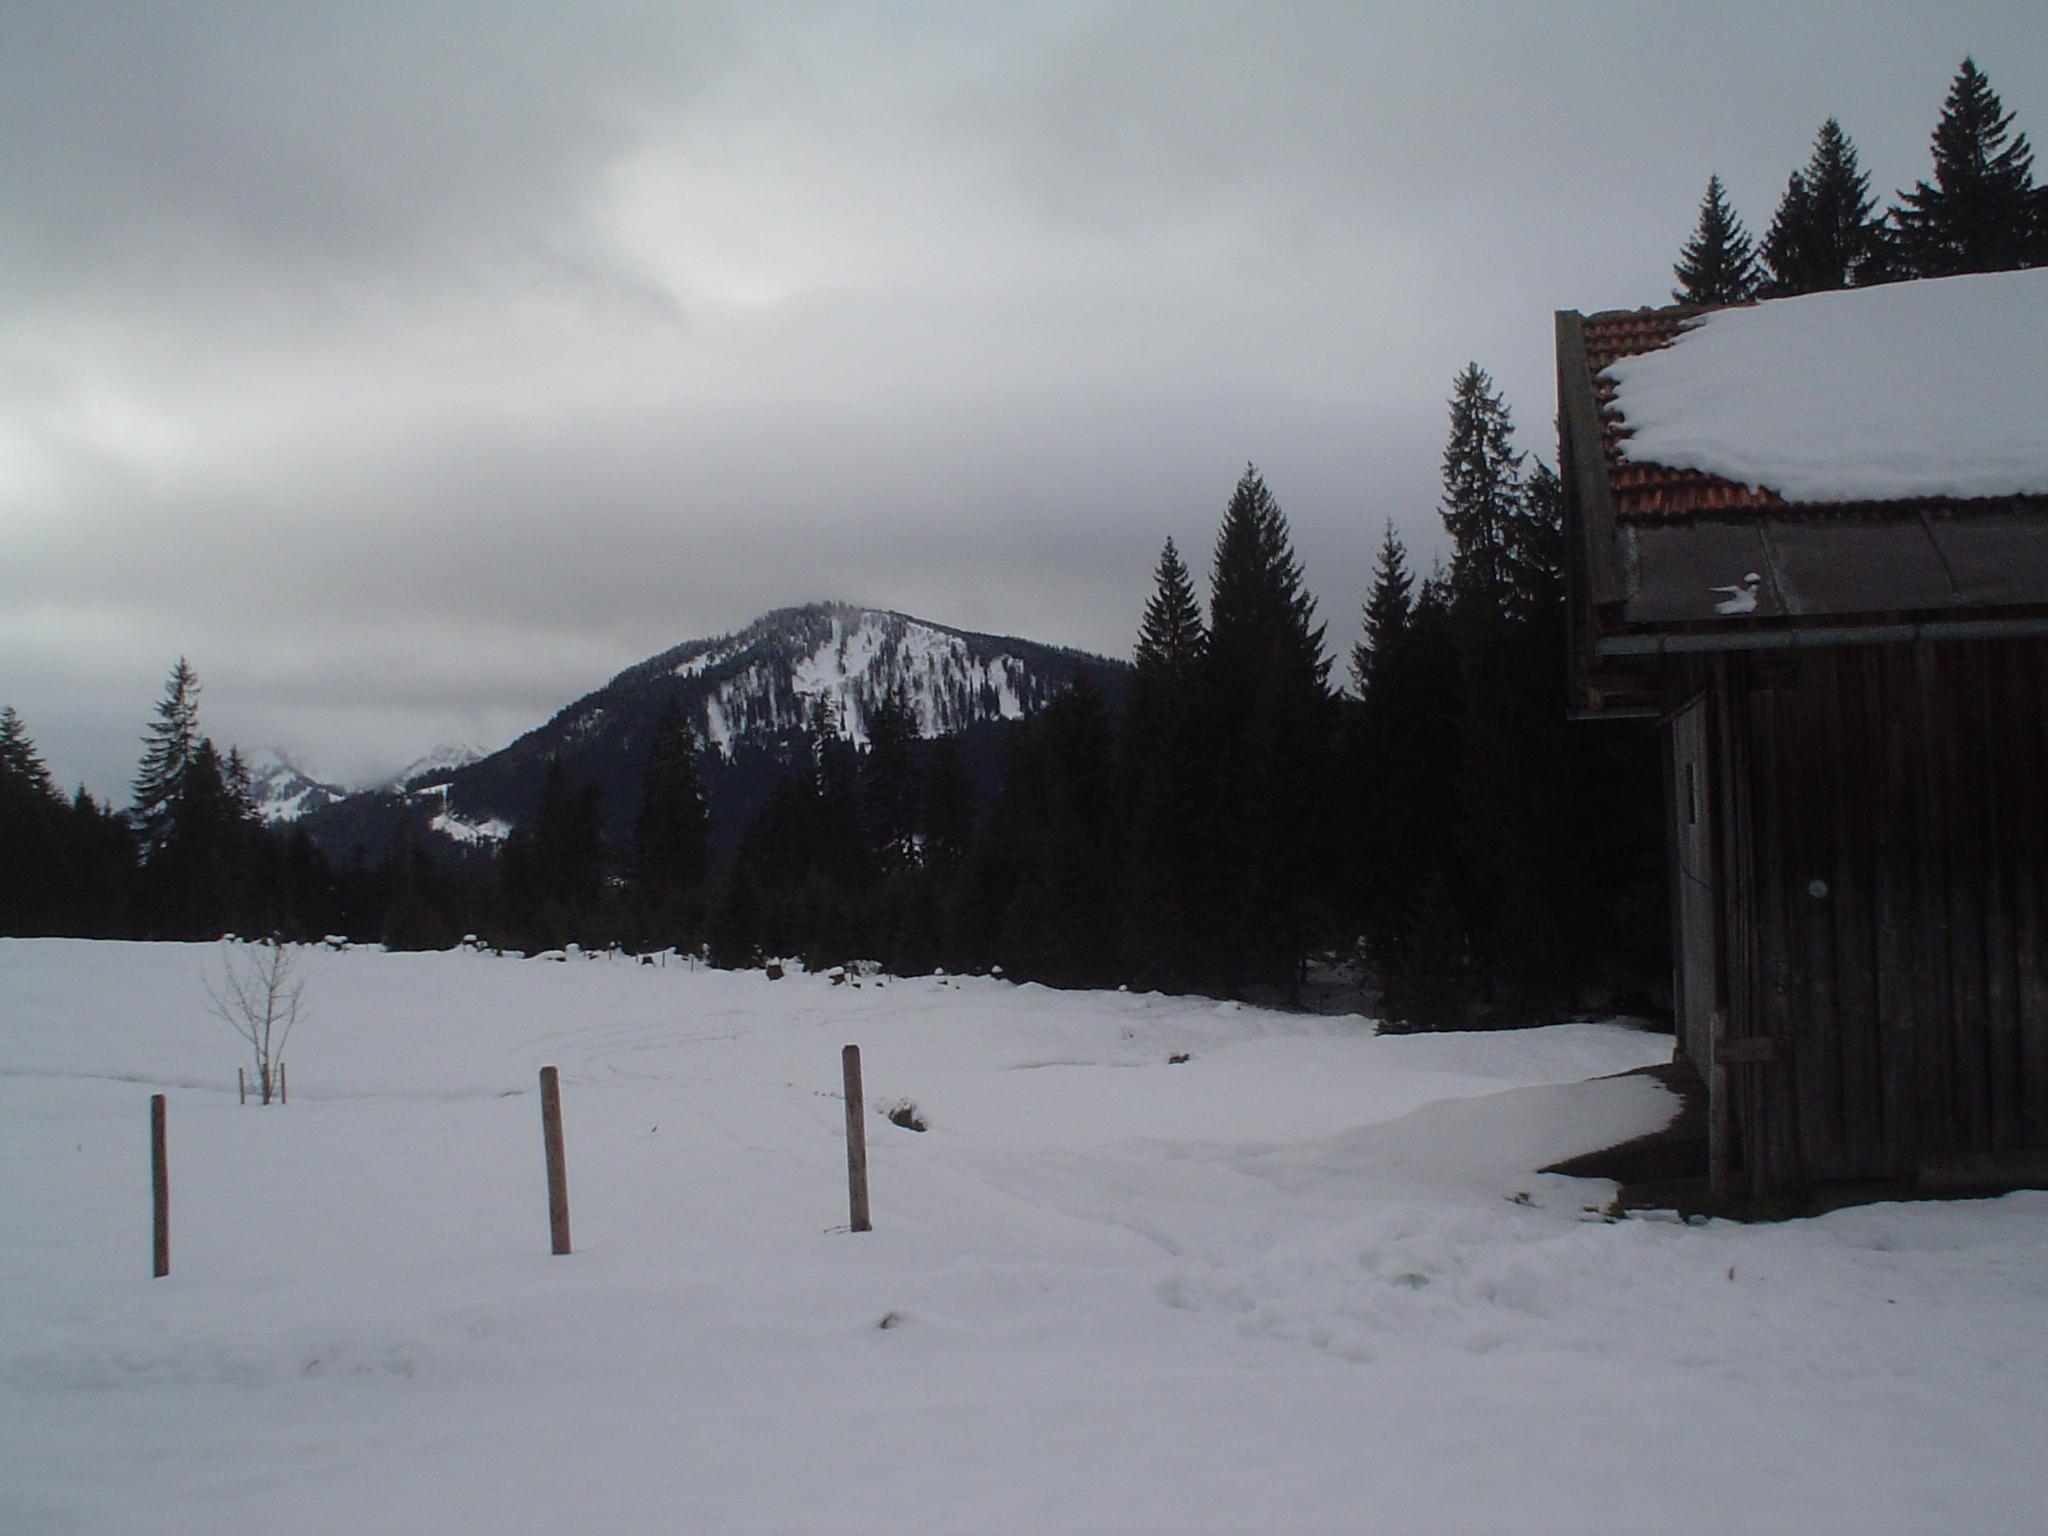 Alps Winter, Alps, Cold, Ice, Landscape, HQ Photo